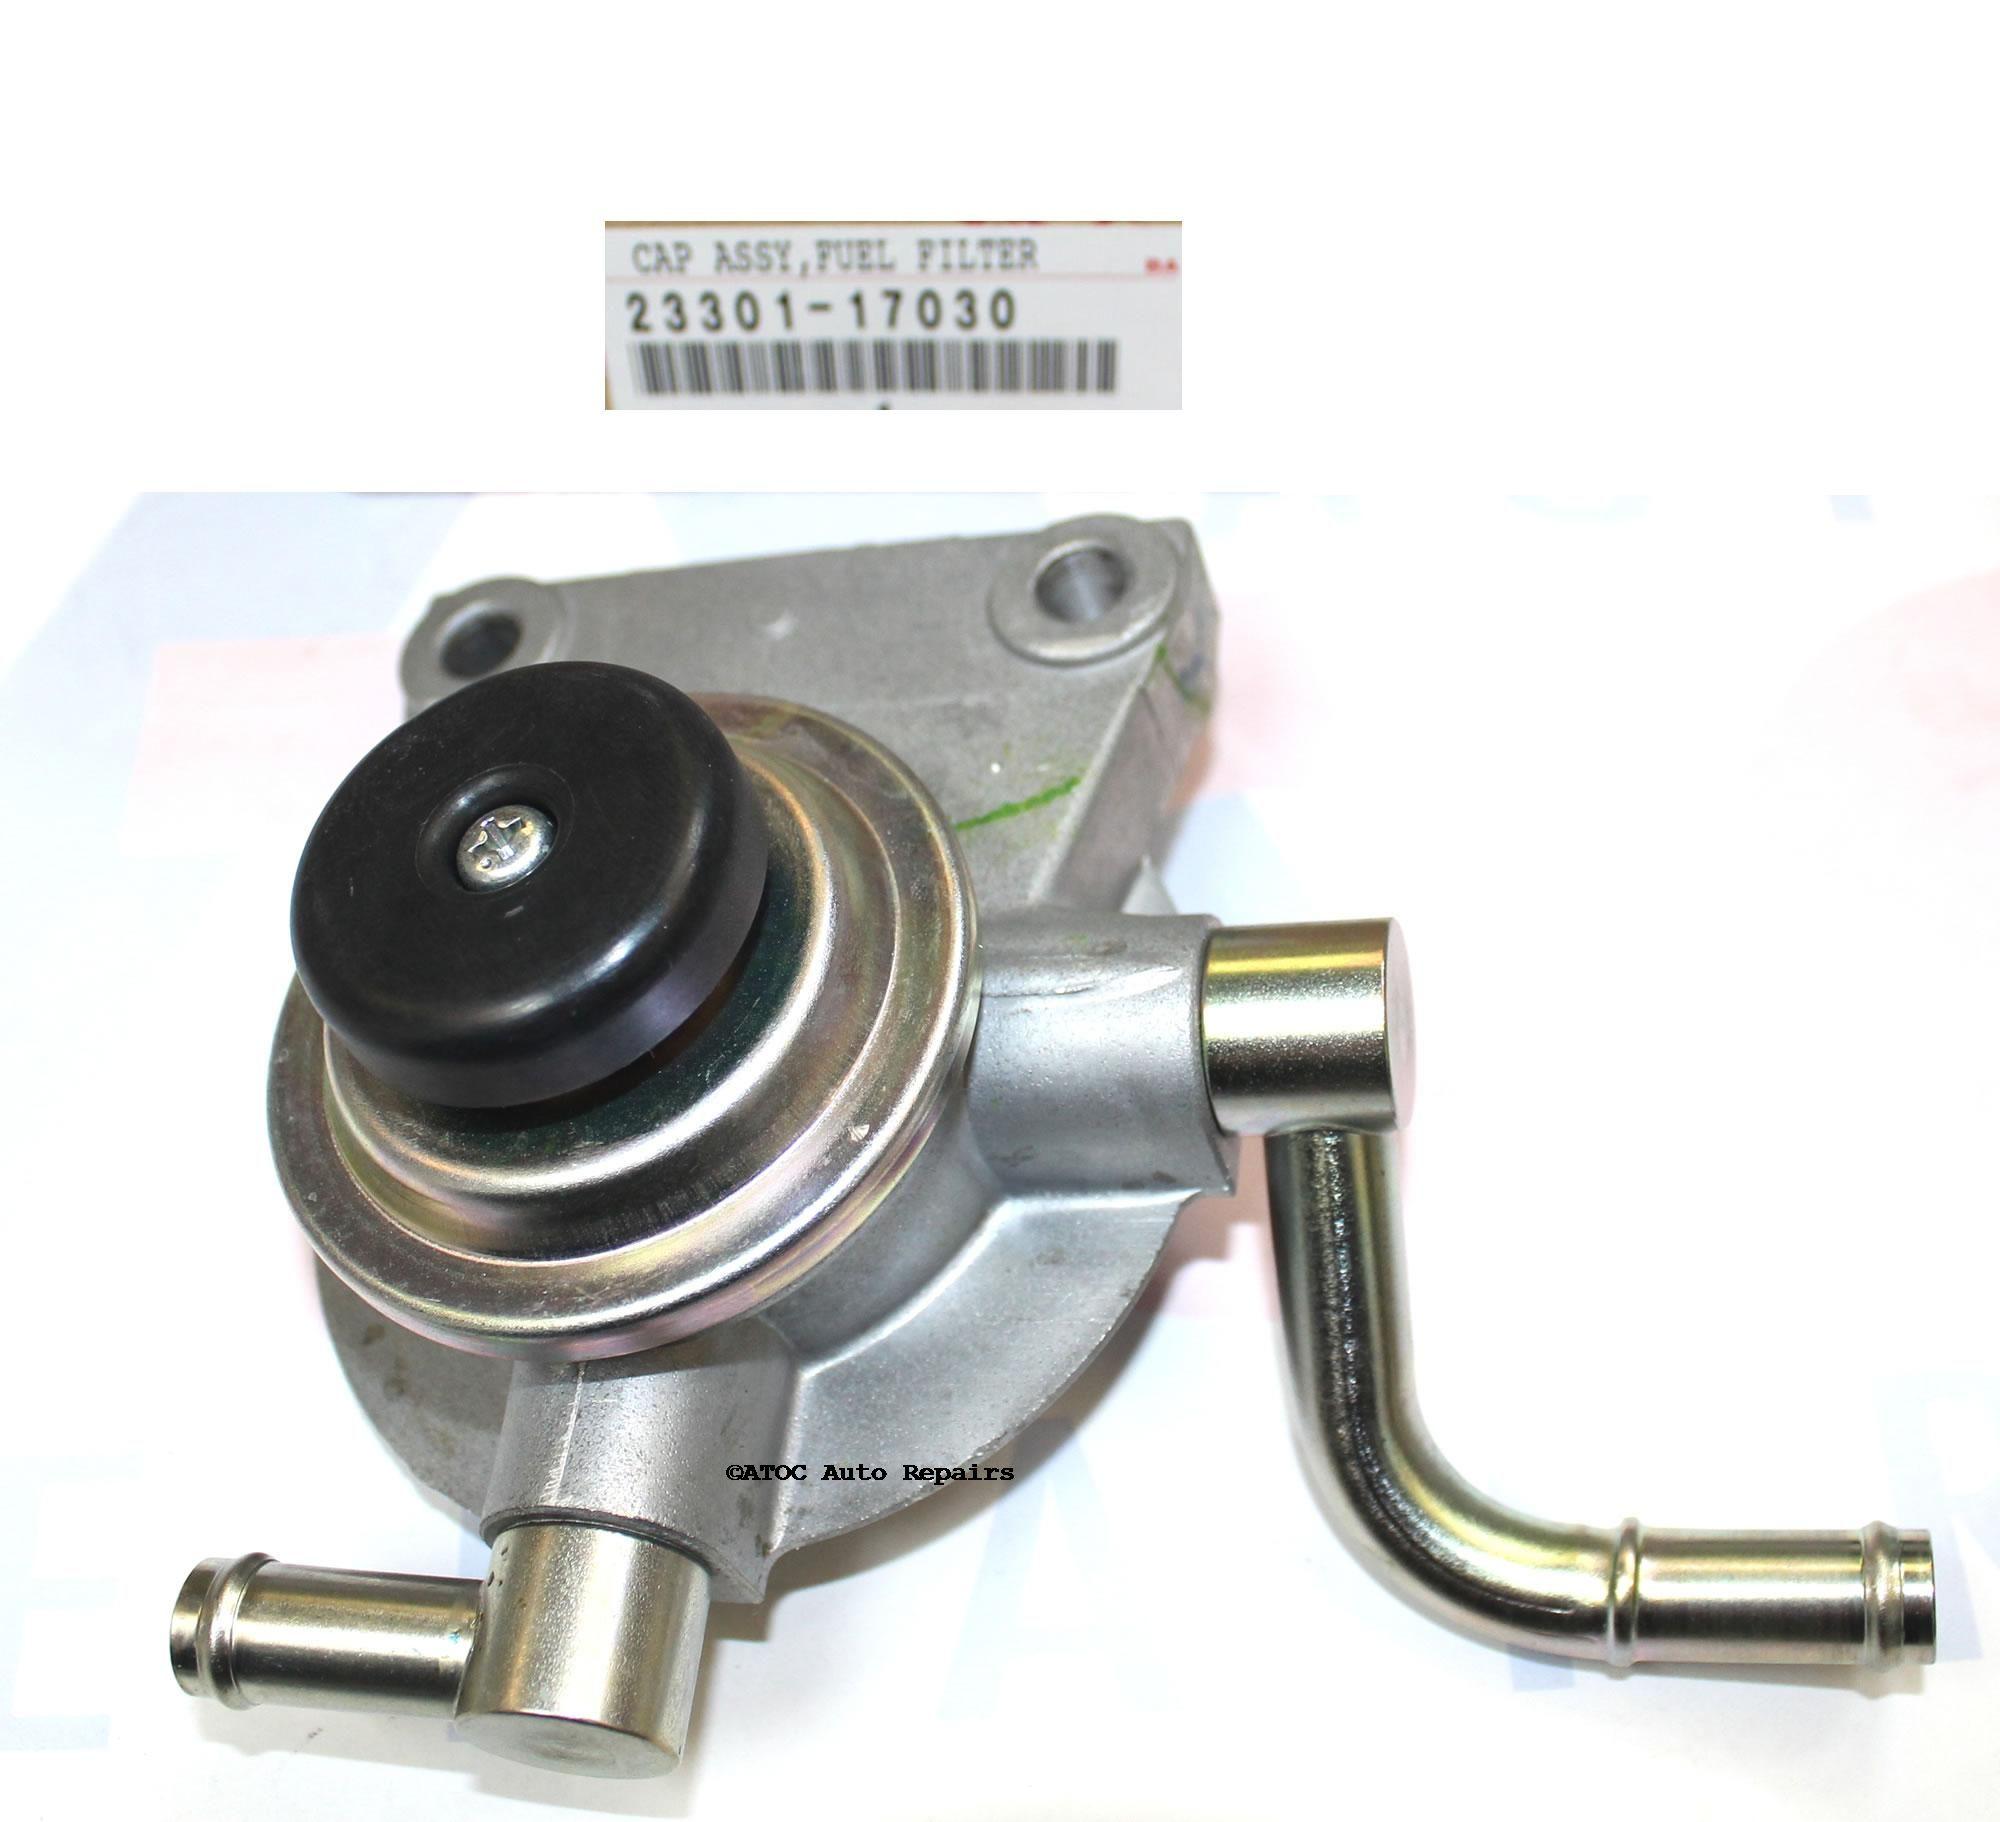 OEM Genuine fuel filter priming pump base ...